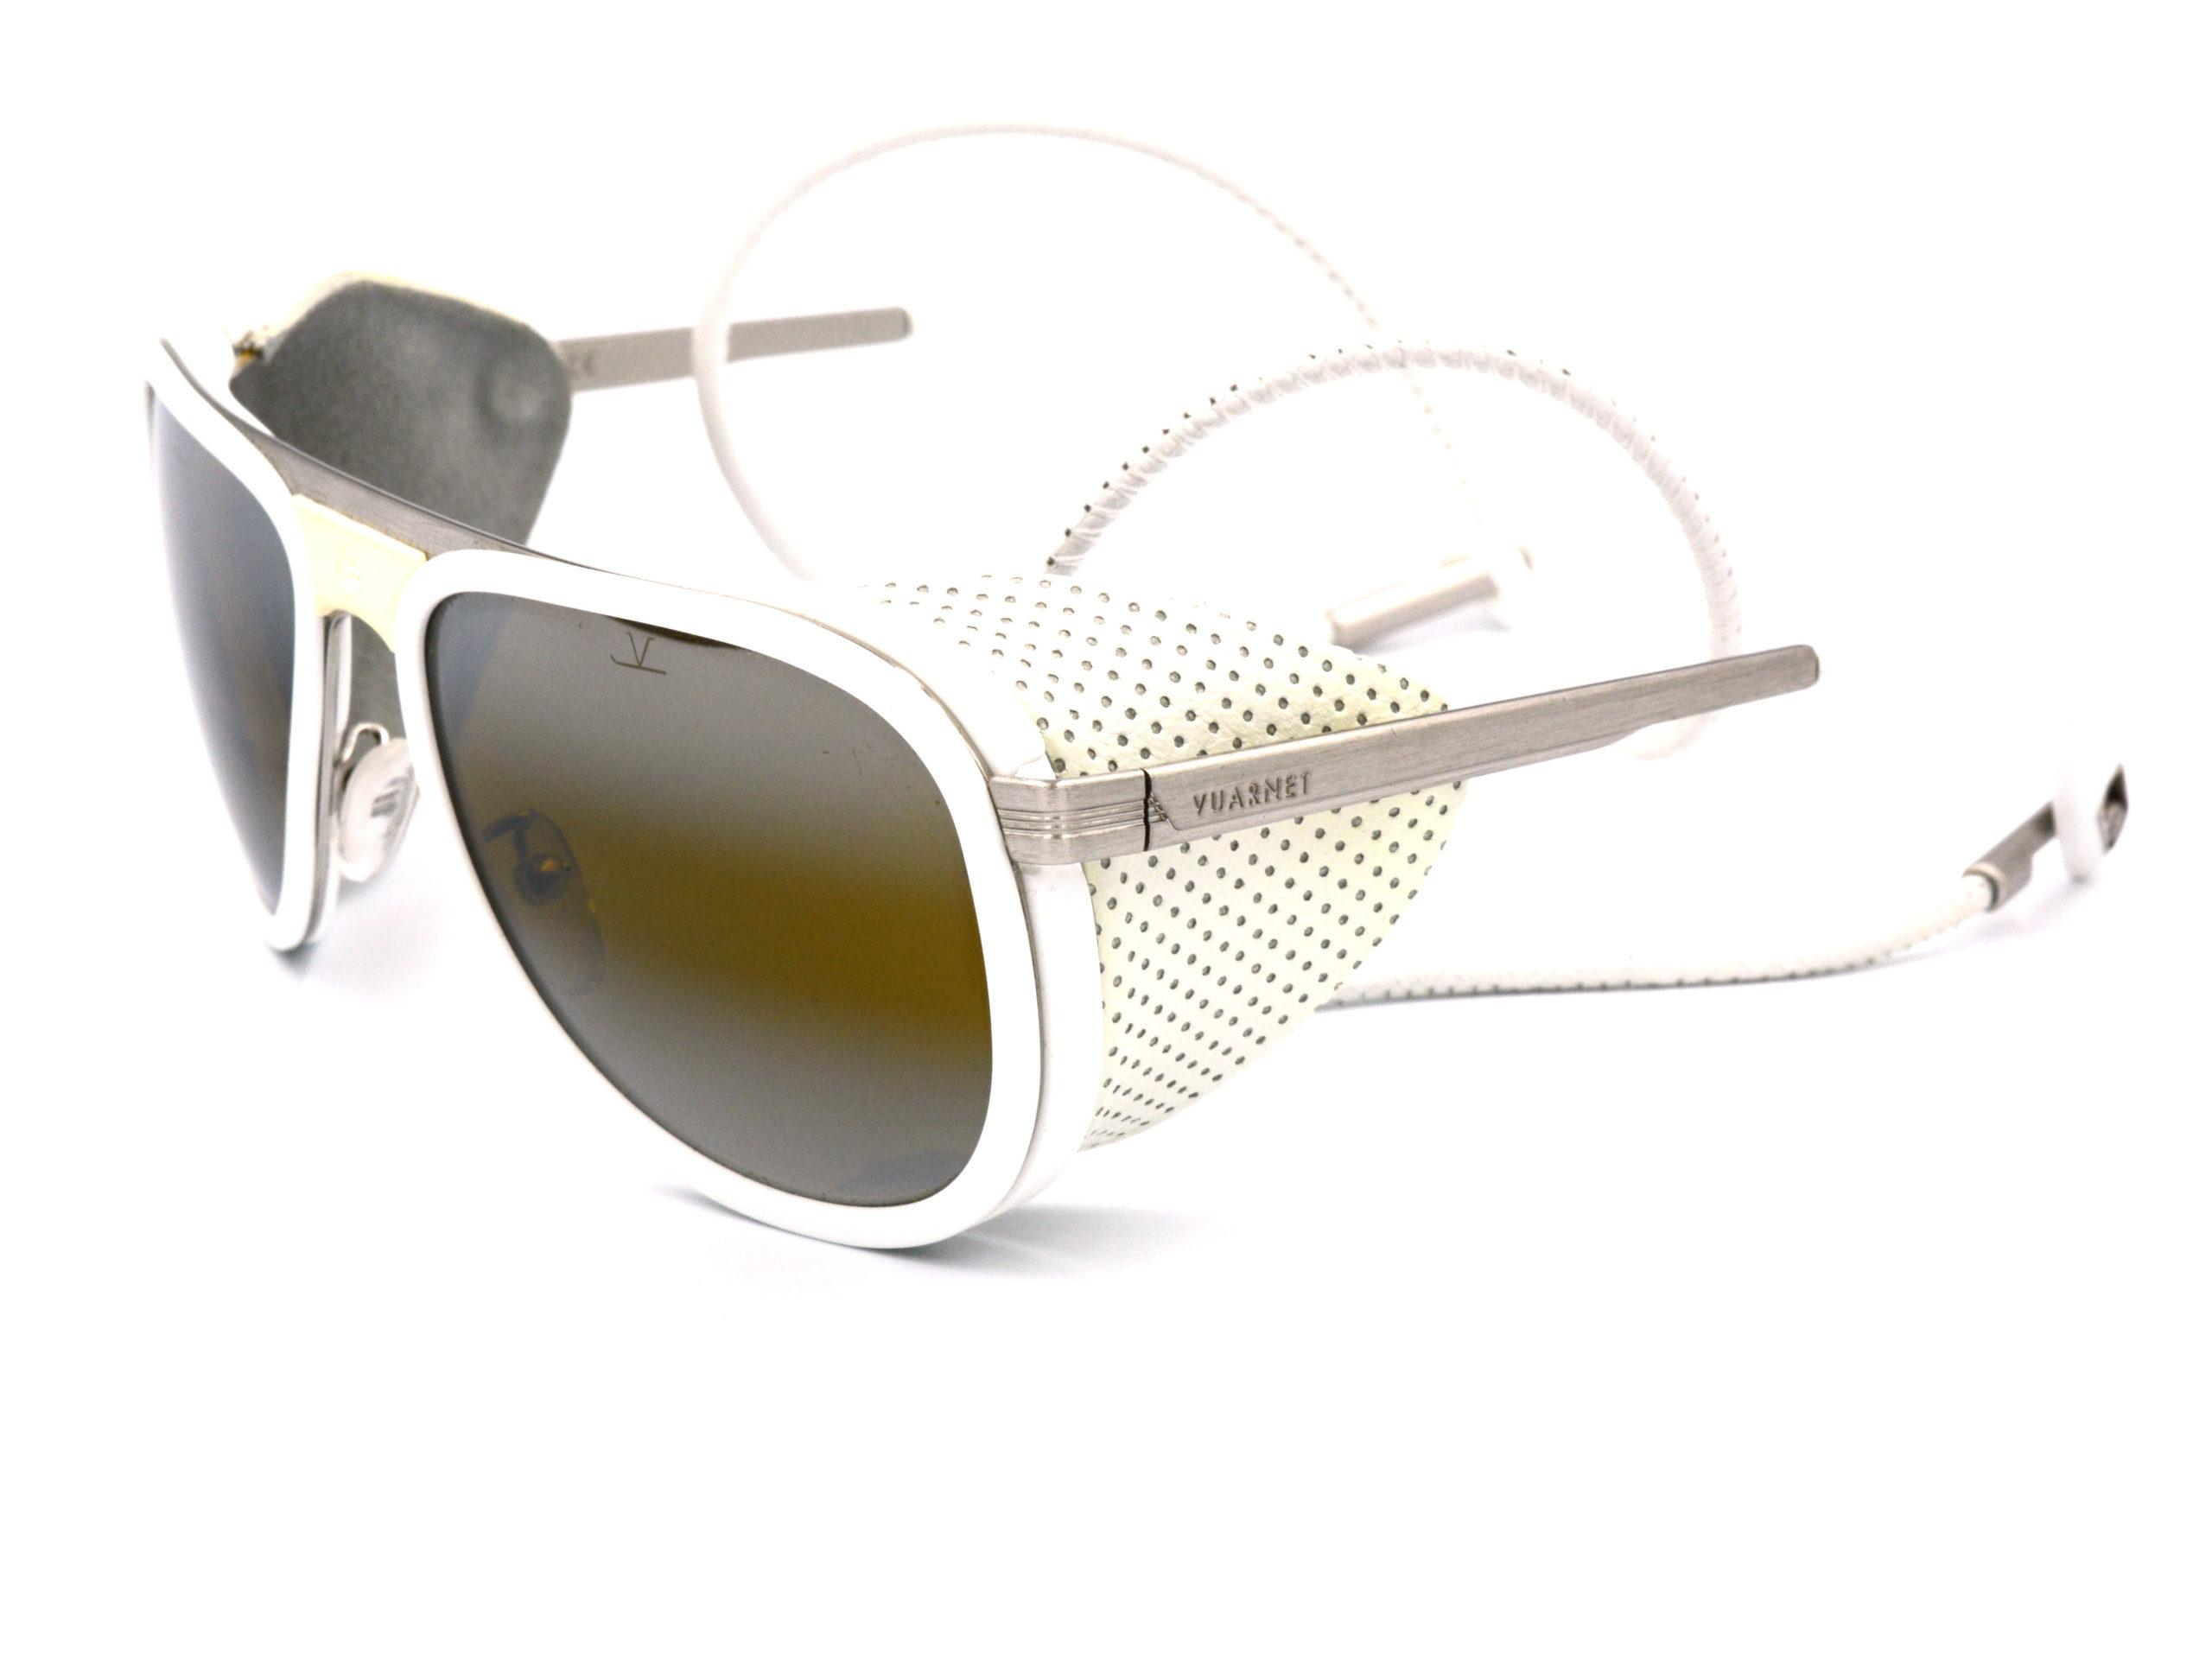 Sunglasses VUARNET VL1315 0005 Men 2020